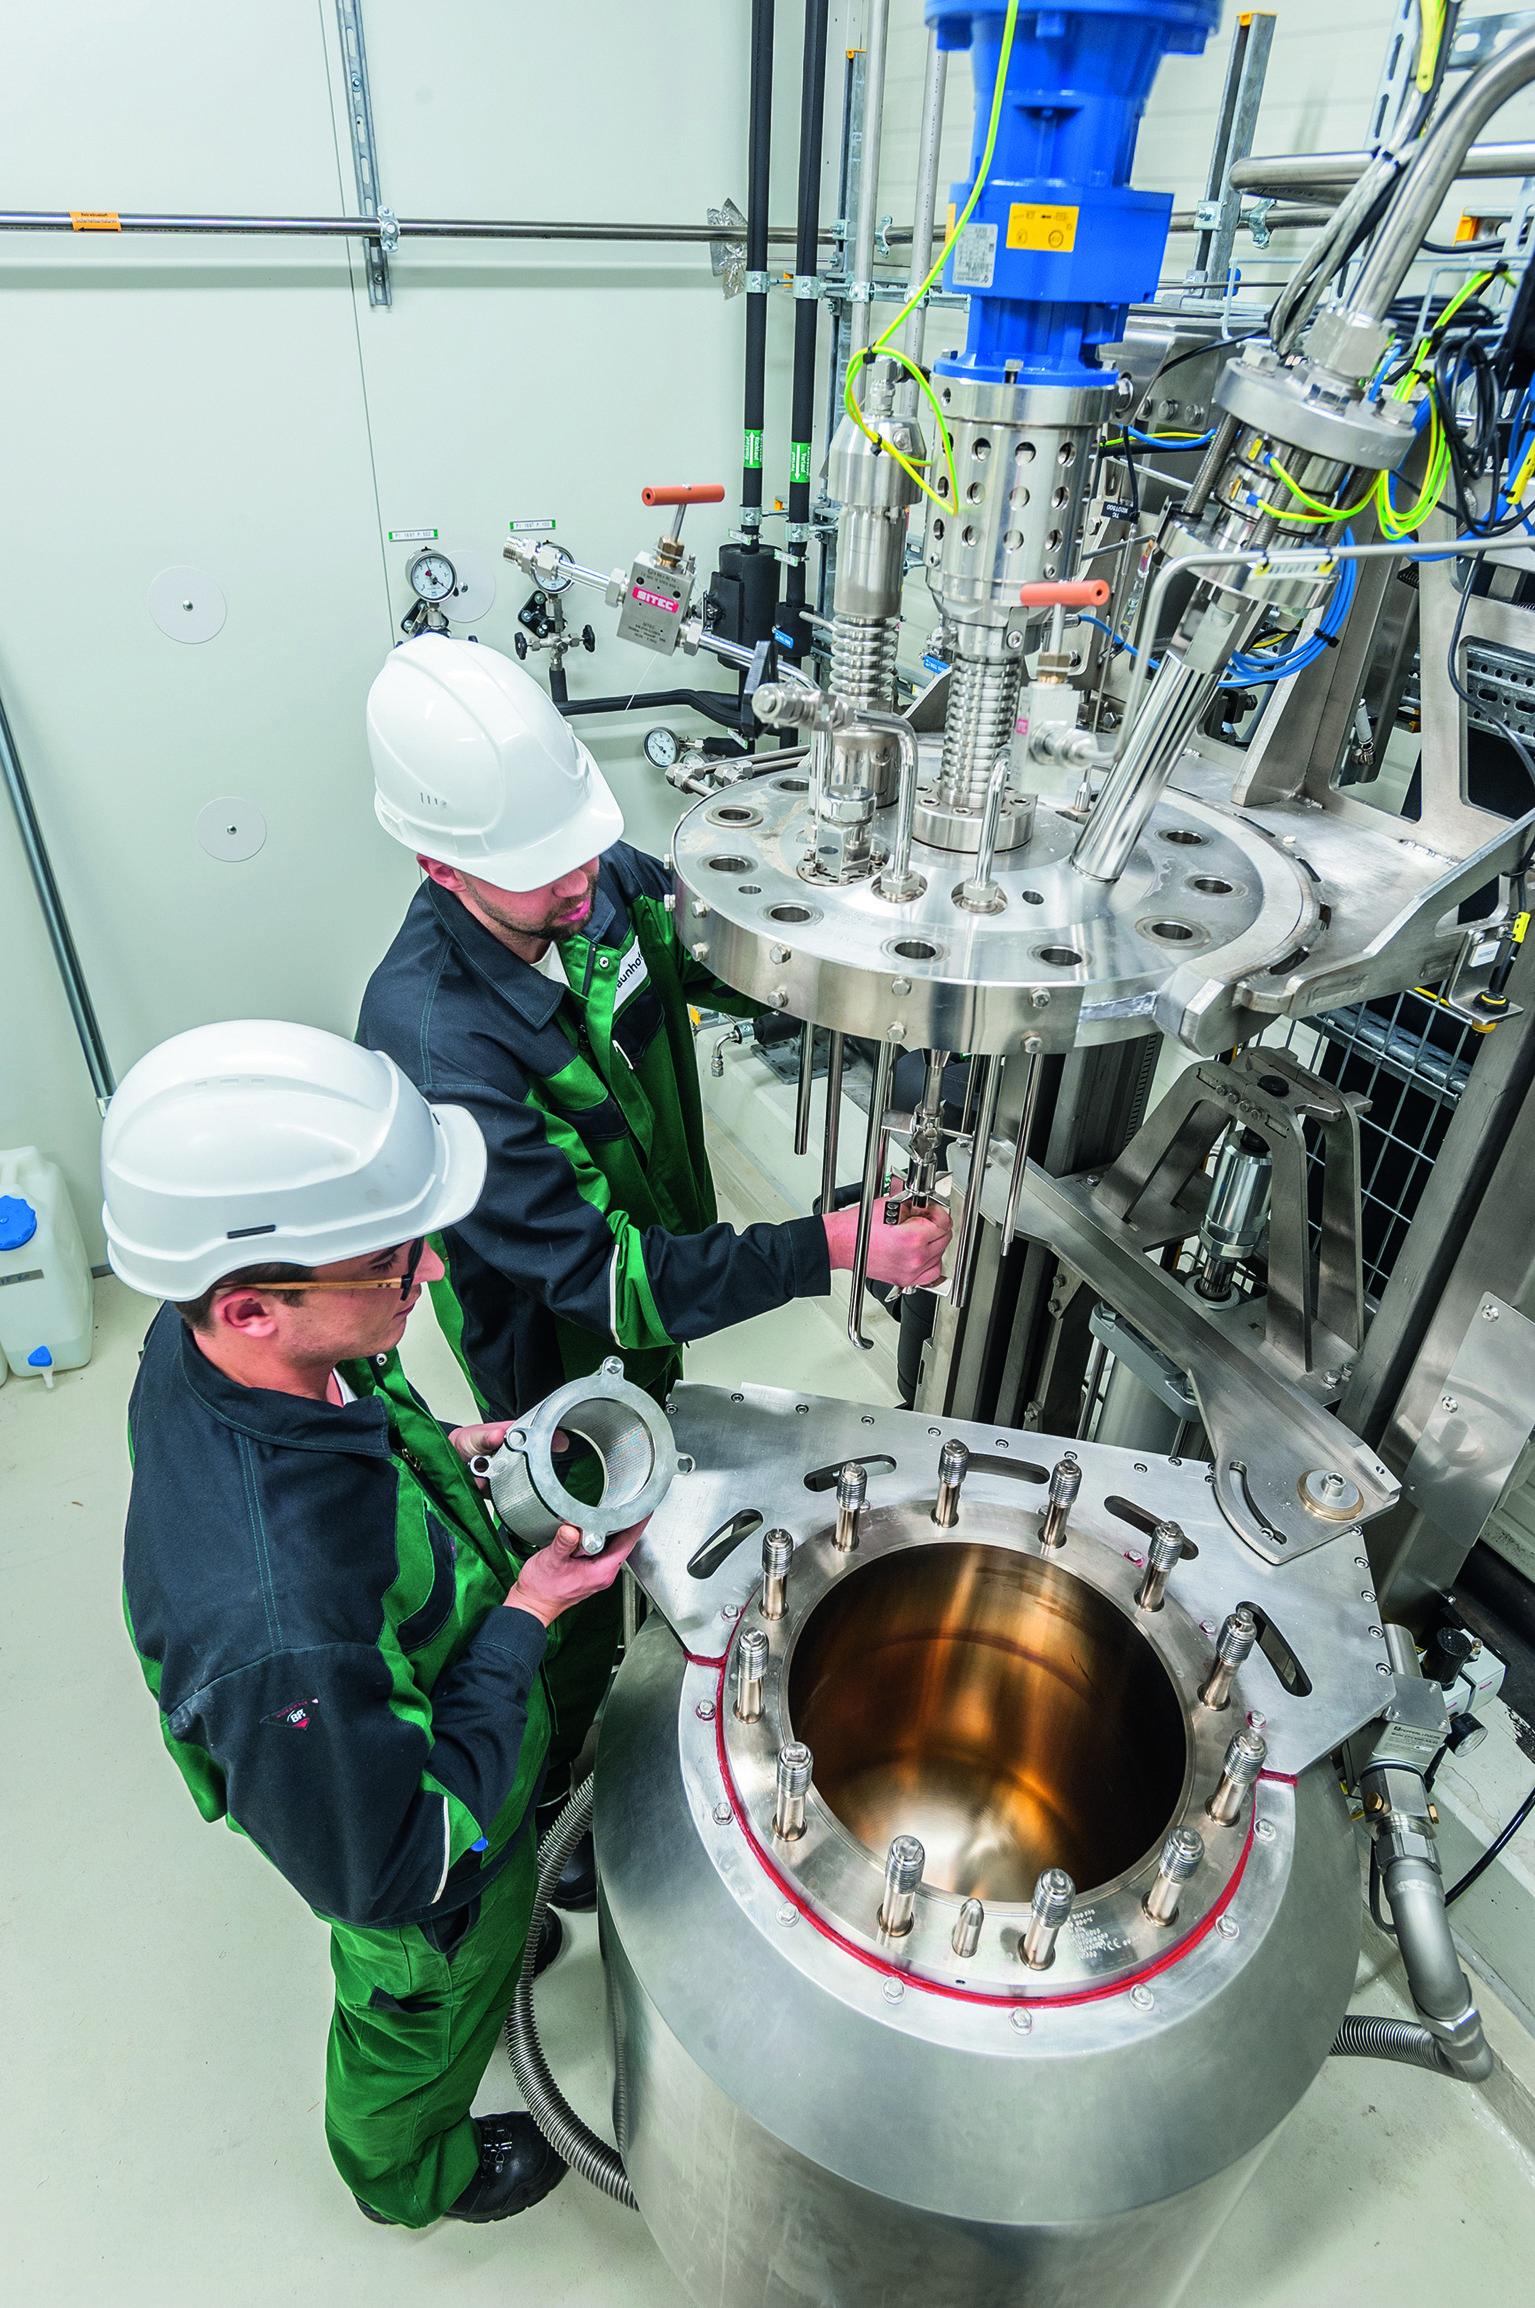 Hochdruckrührkesselreaktor: In Leuna geht jetzteine Pilotanlage in Betrieb, dieaus nachwachsenden Rohstoffen Isobuten herstellt.